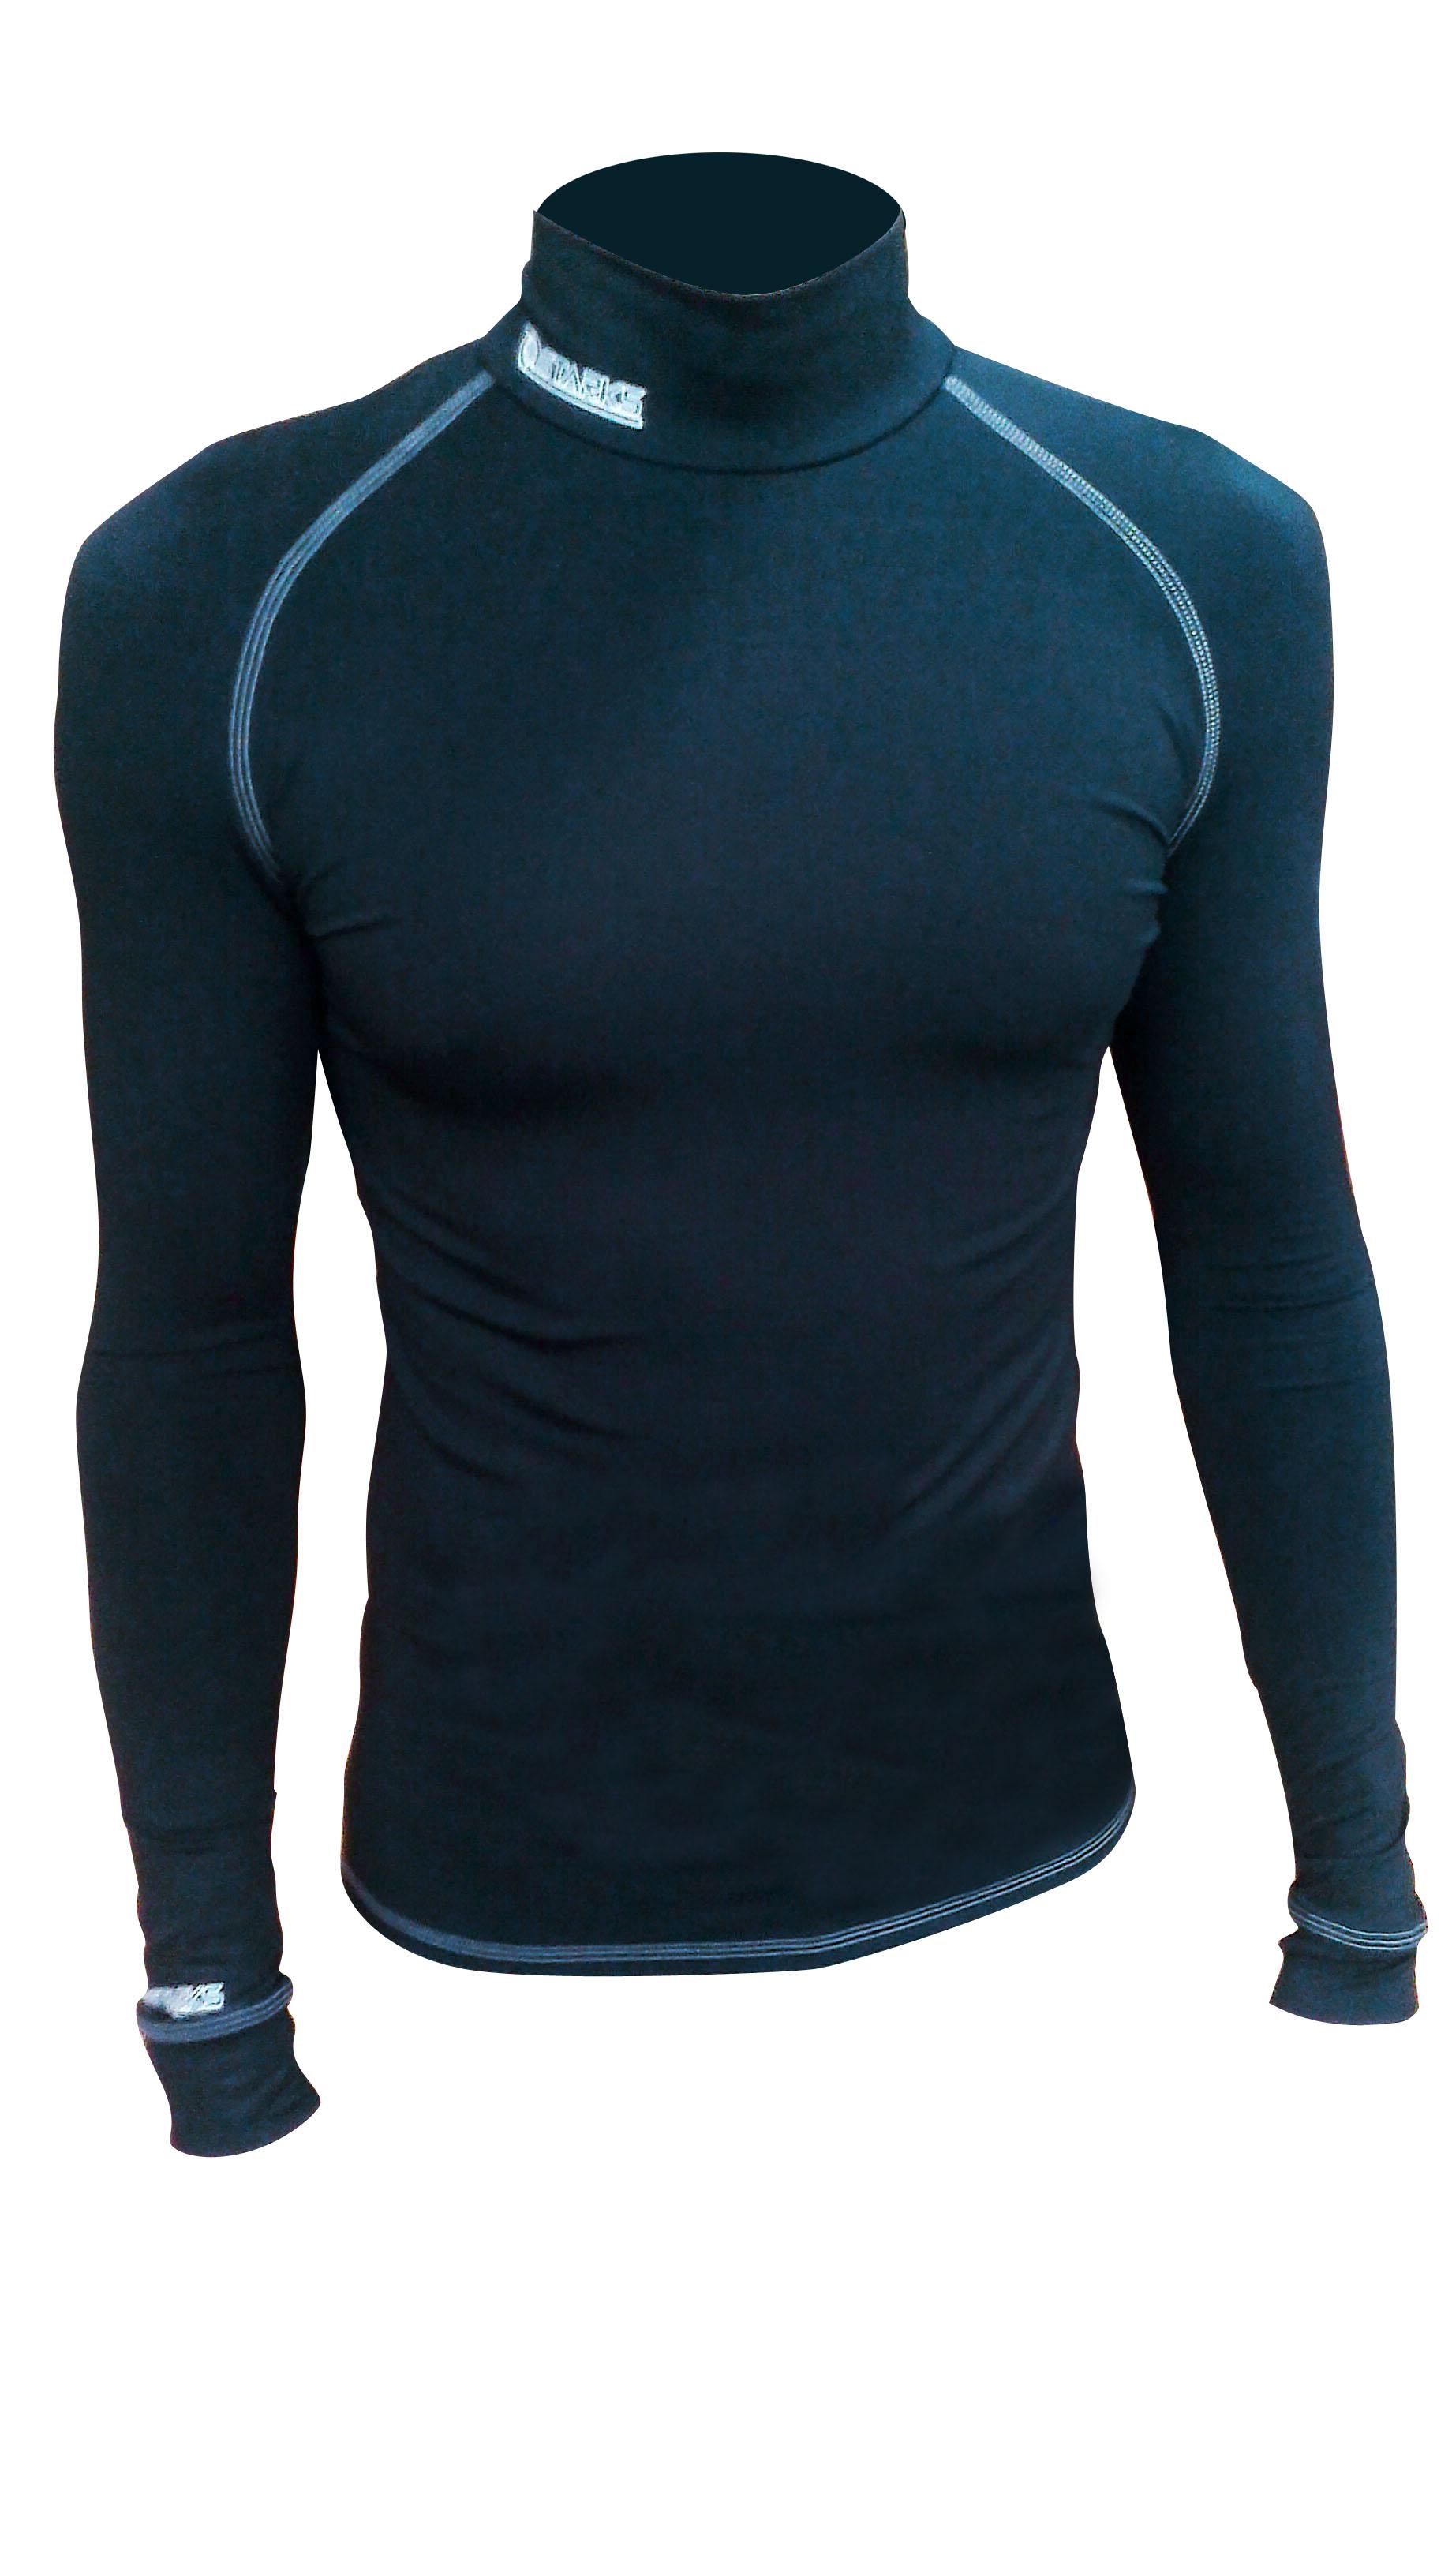 Термобелье кофта мужская Starks Warm, зимняя, цвет: черный. Размер LЛЦ0018_L_МужАнатомическое термобелье, выполнено из Европейской сертифицированной ткани Polarstretch. Высокие эластичные свойства материала позволяют белью максимально повторять индивидуальную анатомию тела, эффект второй кожи. Отличные влагоотводящиесвойства, что позволяет телу оставаться сухим. Высокие термоизоляционные свойства, позволяют исключить переохлаждение или перегрев. Воротник стойка обеспечивает защиту шеи от холода. Белье предназначено для активных физических нагрузок. Повседневное использование, в качестве демисезонного. Особенности: STOP BACTERIA Защита от перегрева или переохлаждения Эластичные, мягкие плоские швы Гипоаллергенно Состав: 92%-полиэстер, 8%-эластан